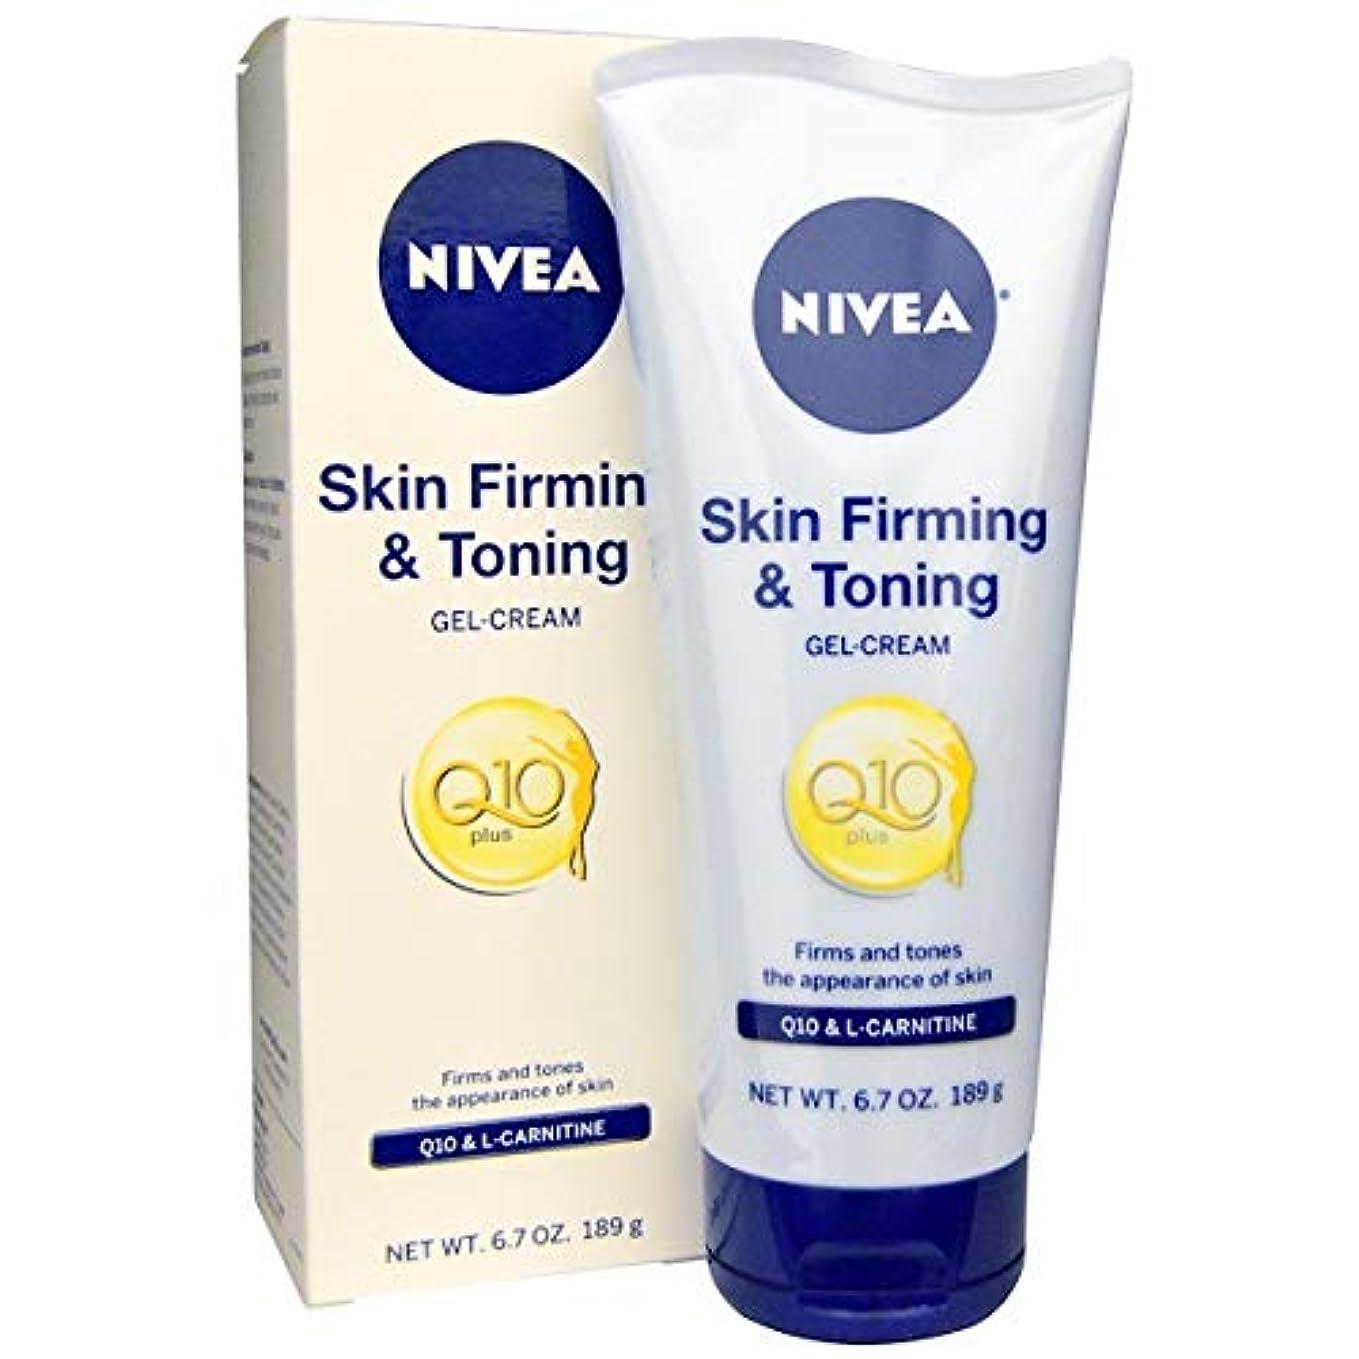 論争マインド毎日ニベア  ファーミング セルライトジェルクリーム Q10プラス FIRMING Cellulite Gel Cream Q10 Plus【海外直送品】